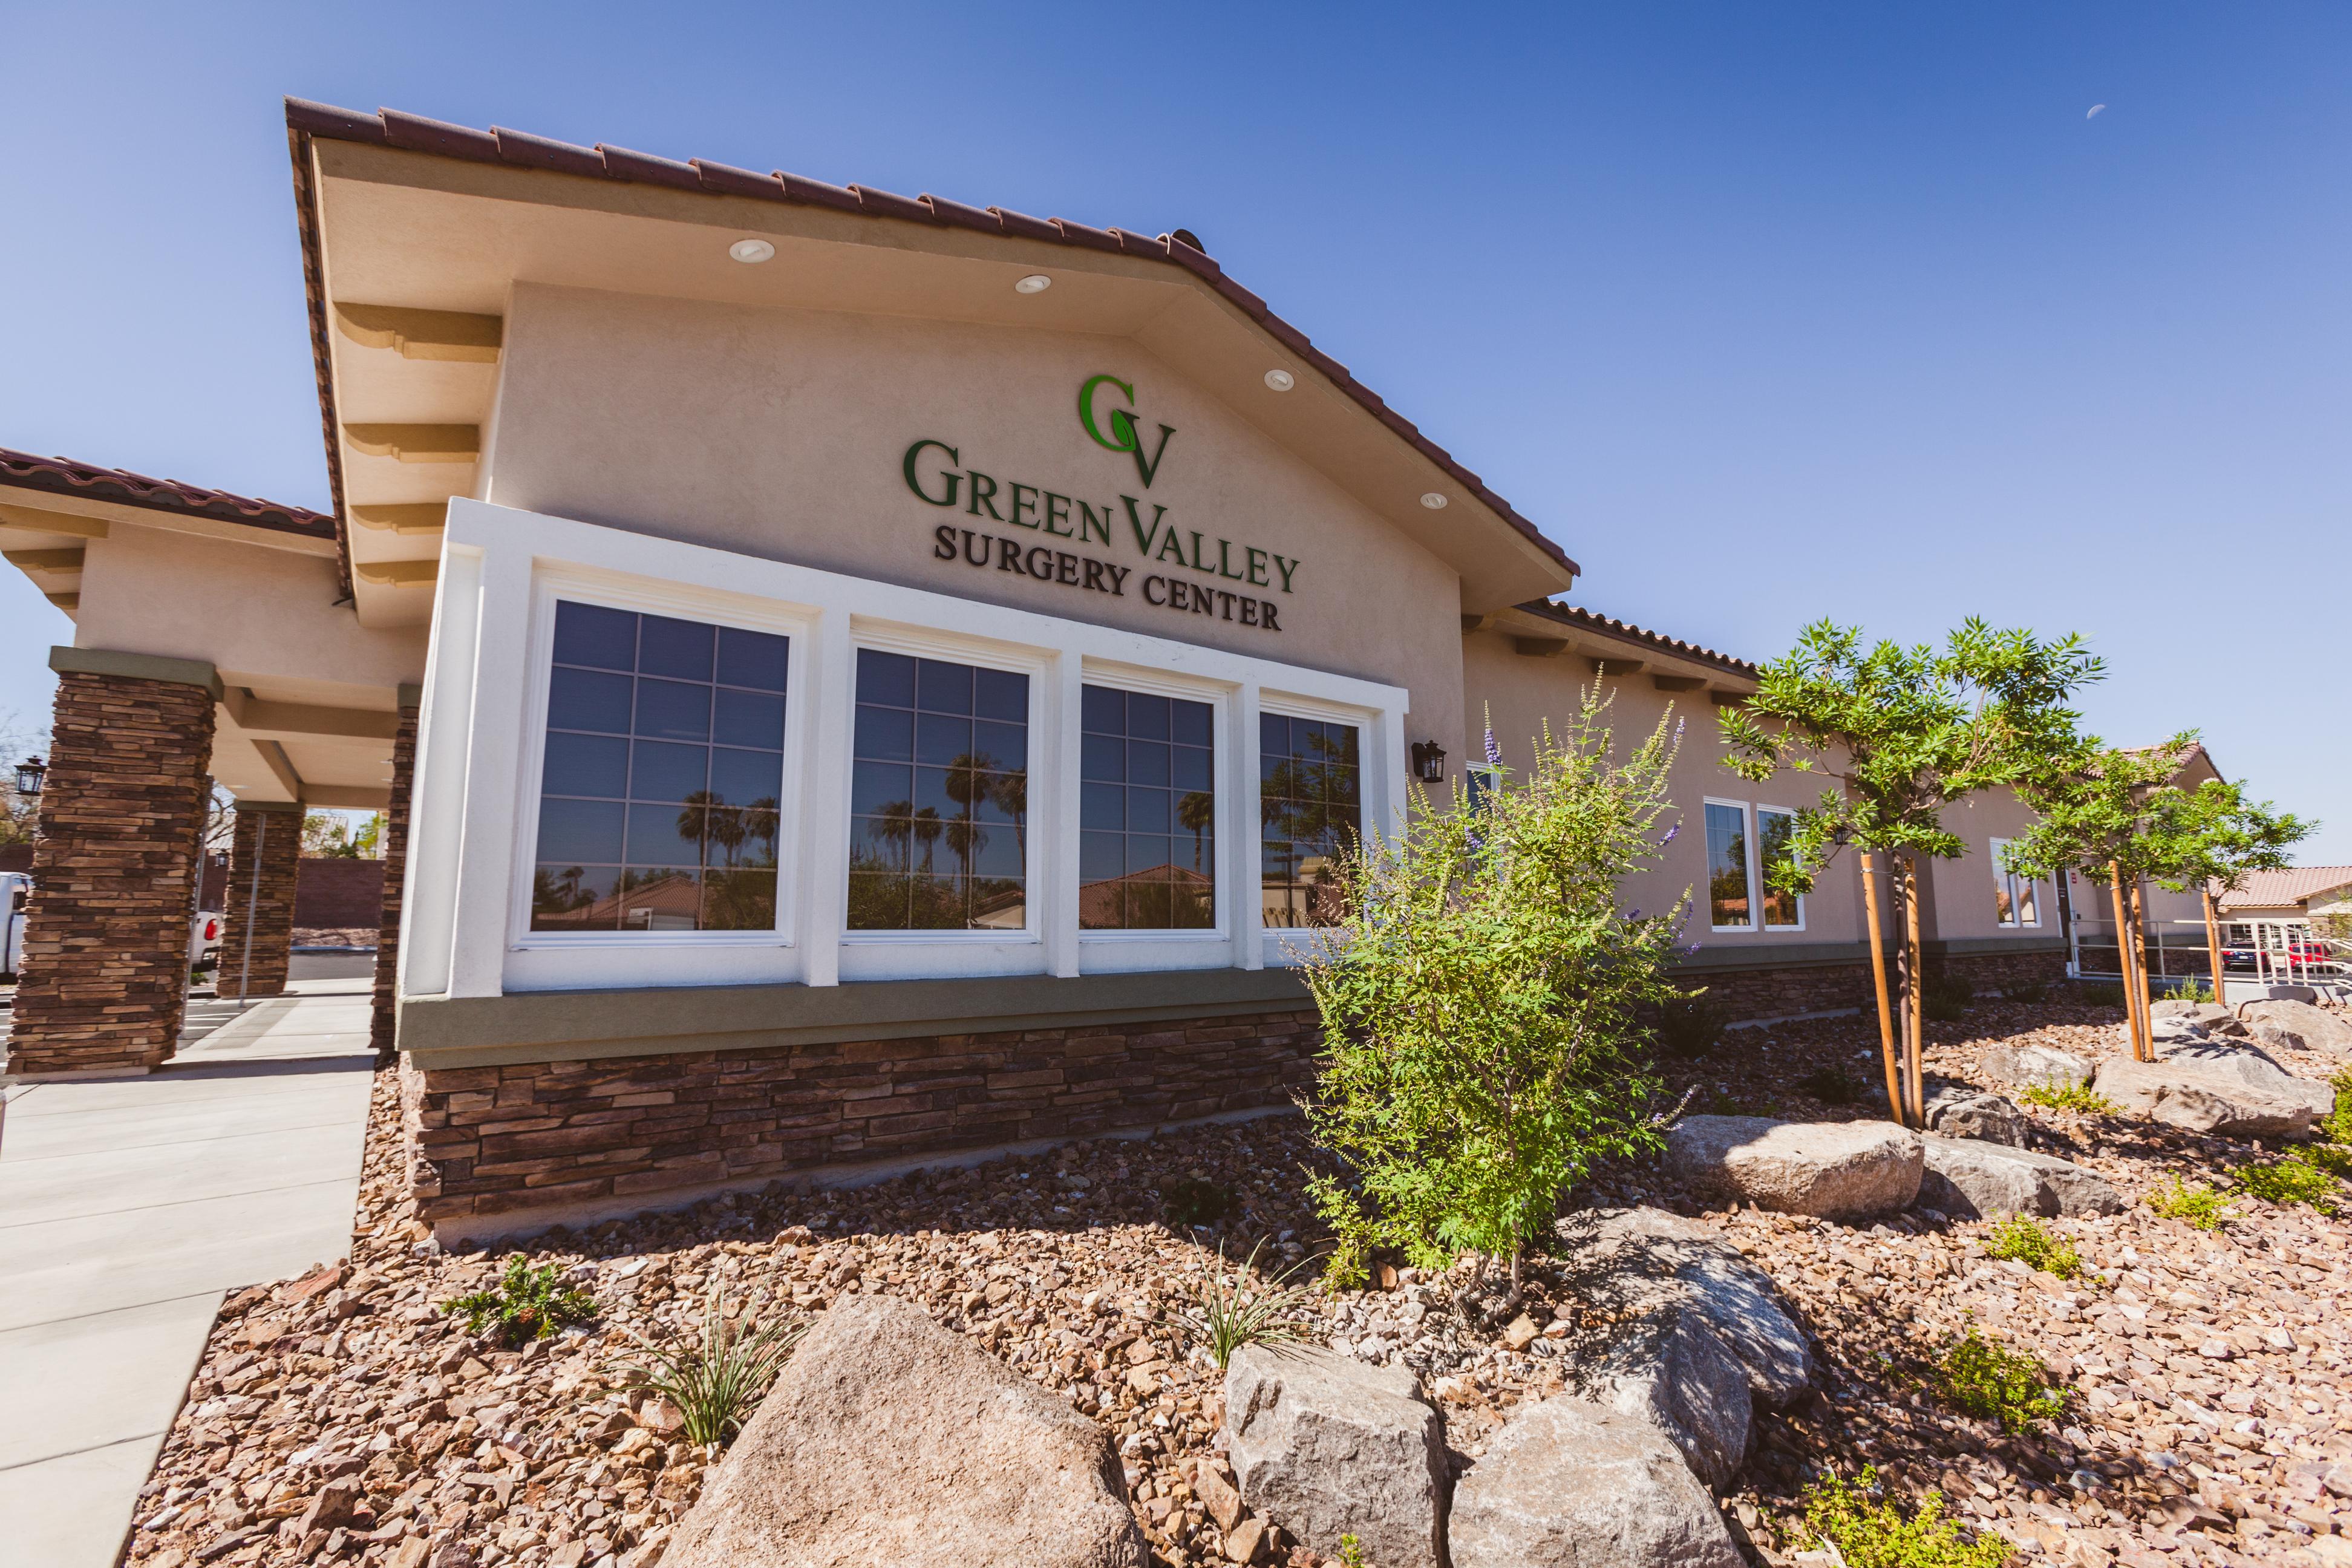 Green Valley Surgery Center   7365 S Pecos Rd, Las Vegas, NV, 89120   +1 (702) 857-6500